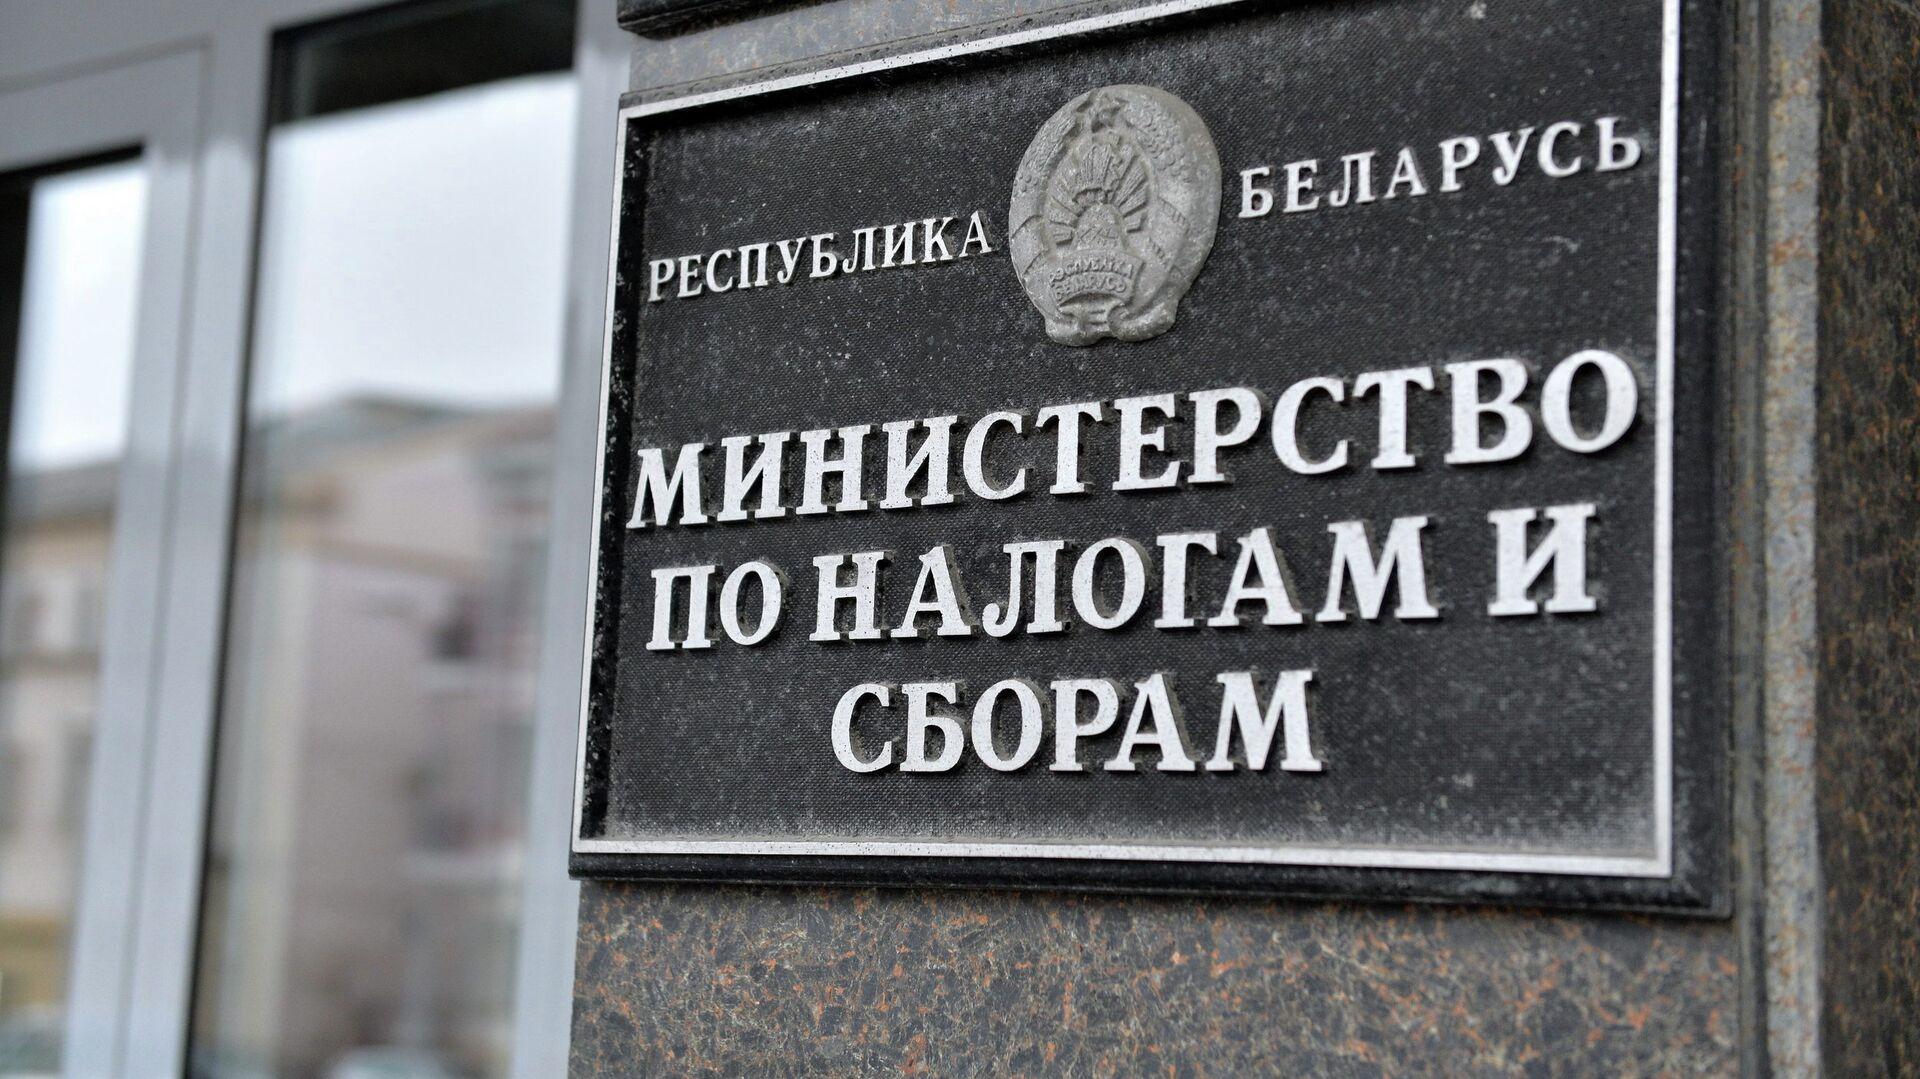 Міністэрства па падатках і зборах - Sputnik Беларусь, 1920, 09.07.2021